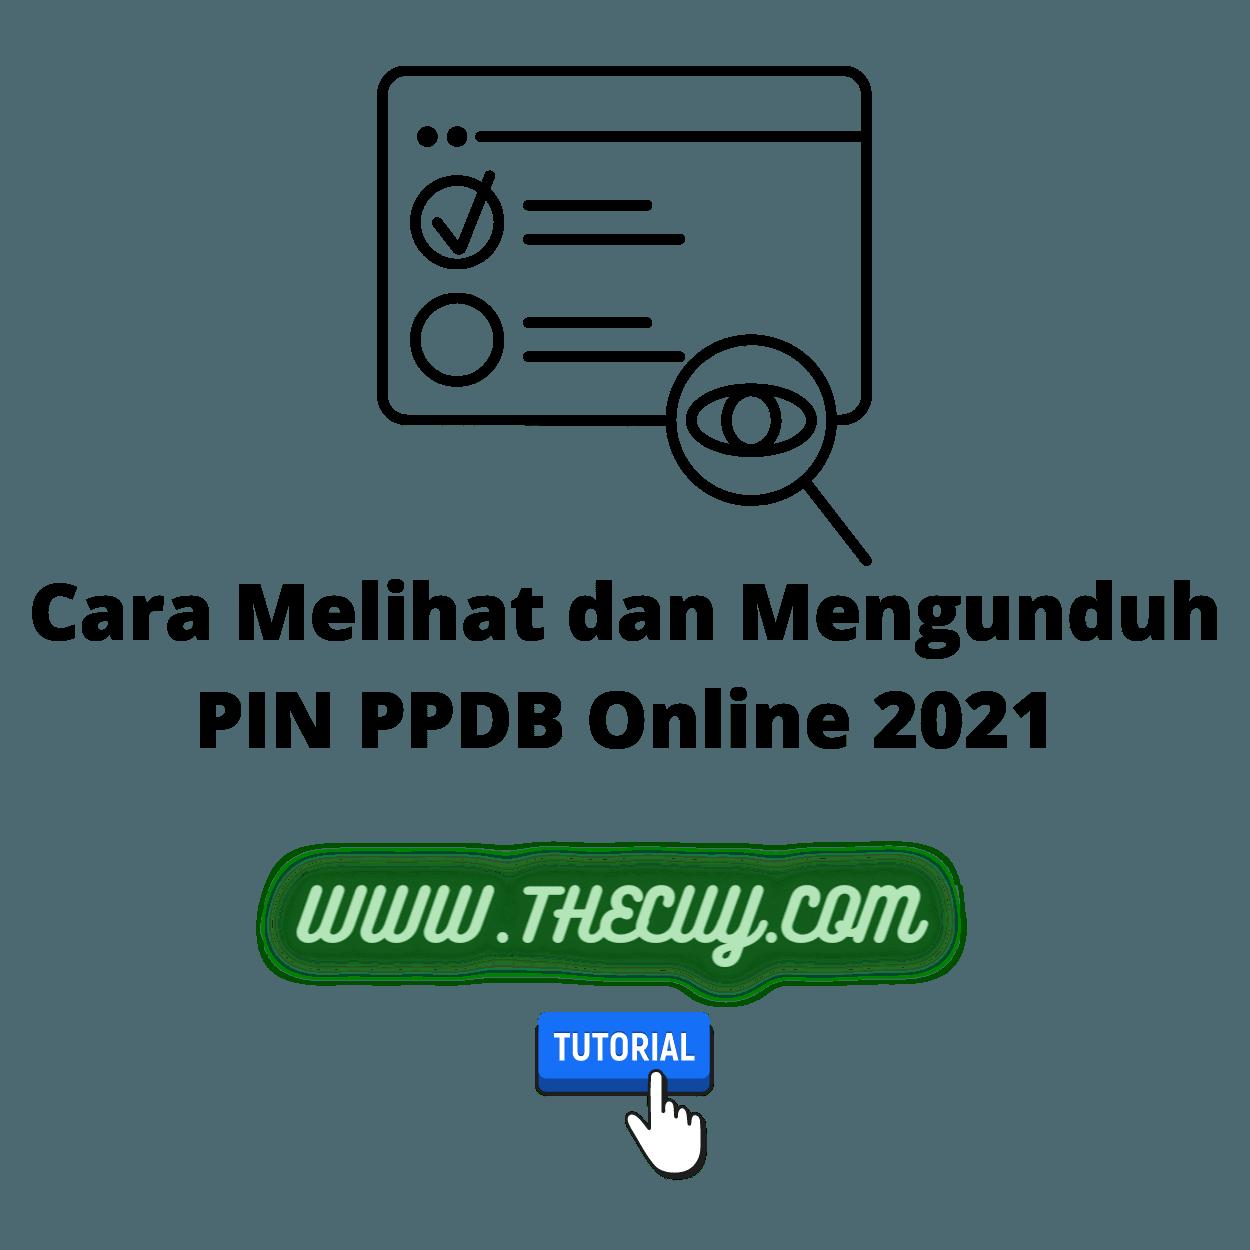 Cara Melihat dan Mengunduh PIN PPDB Online 2021